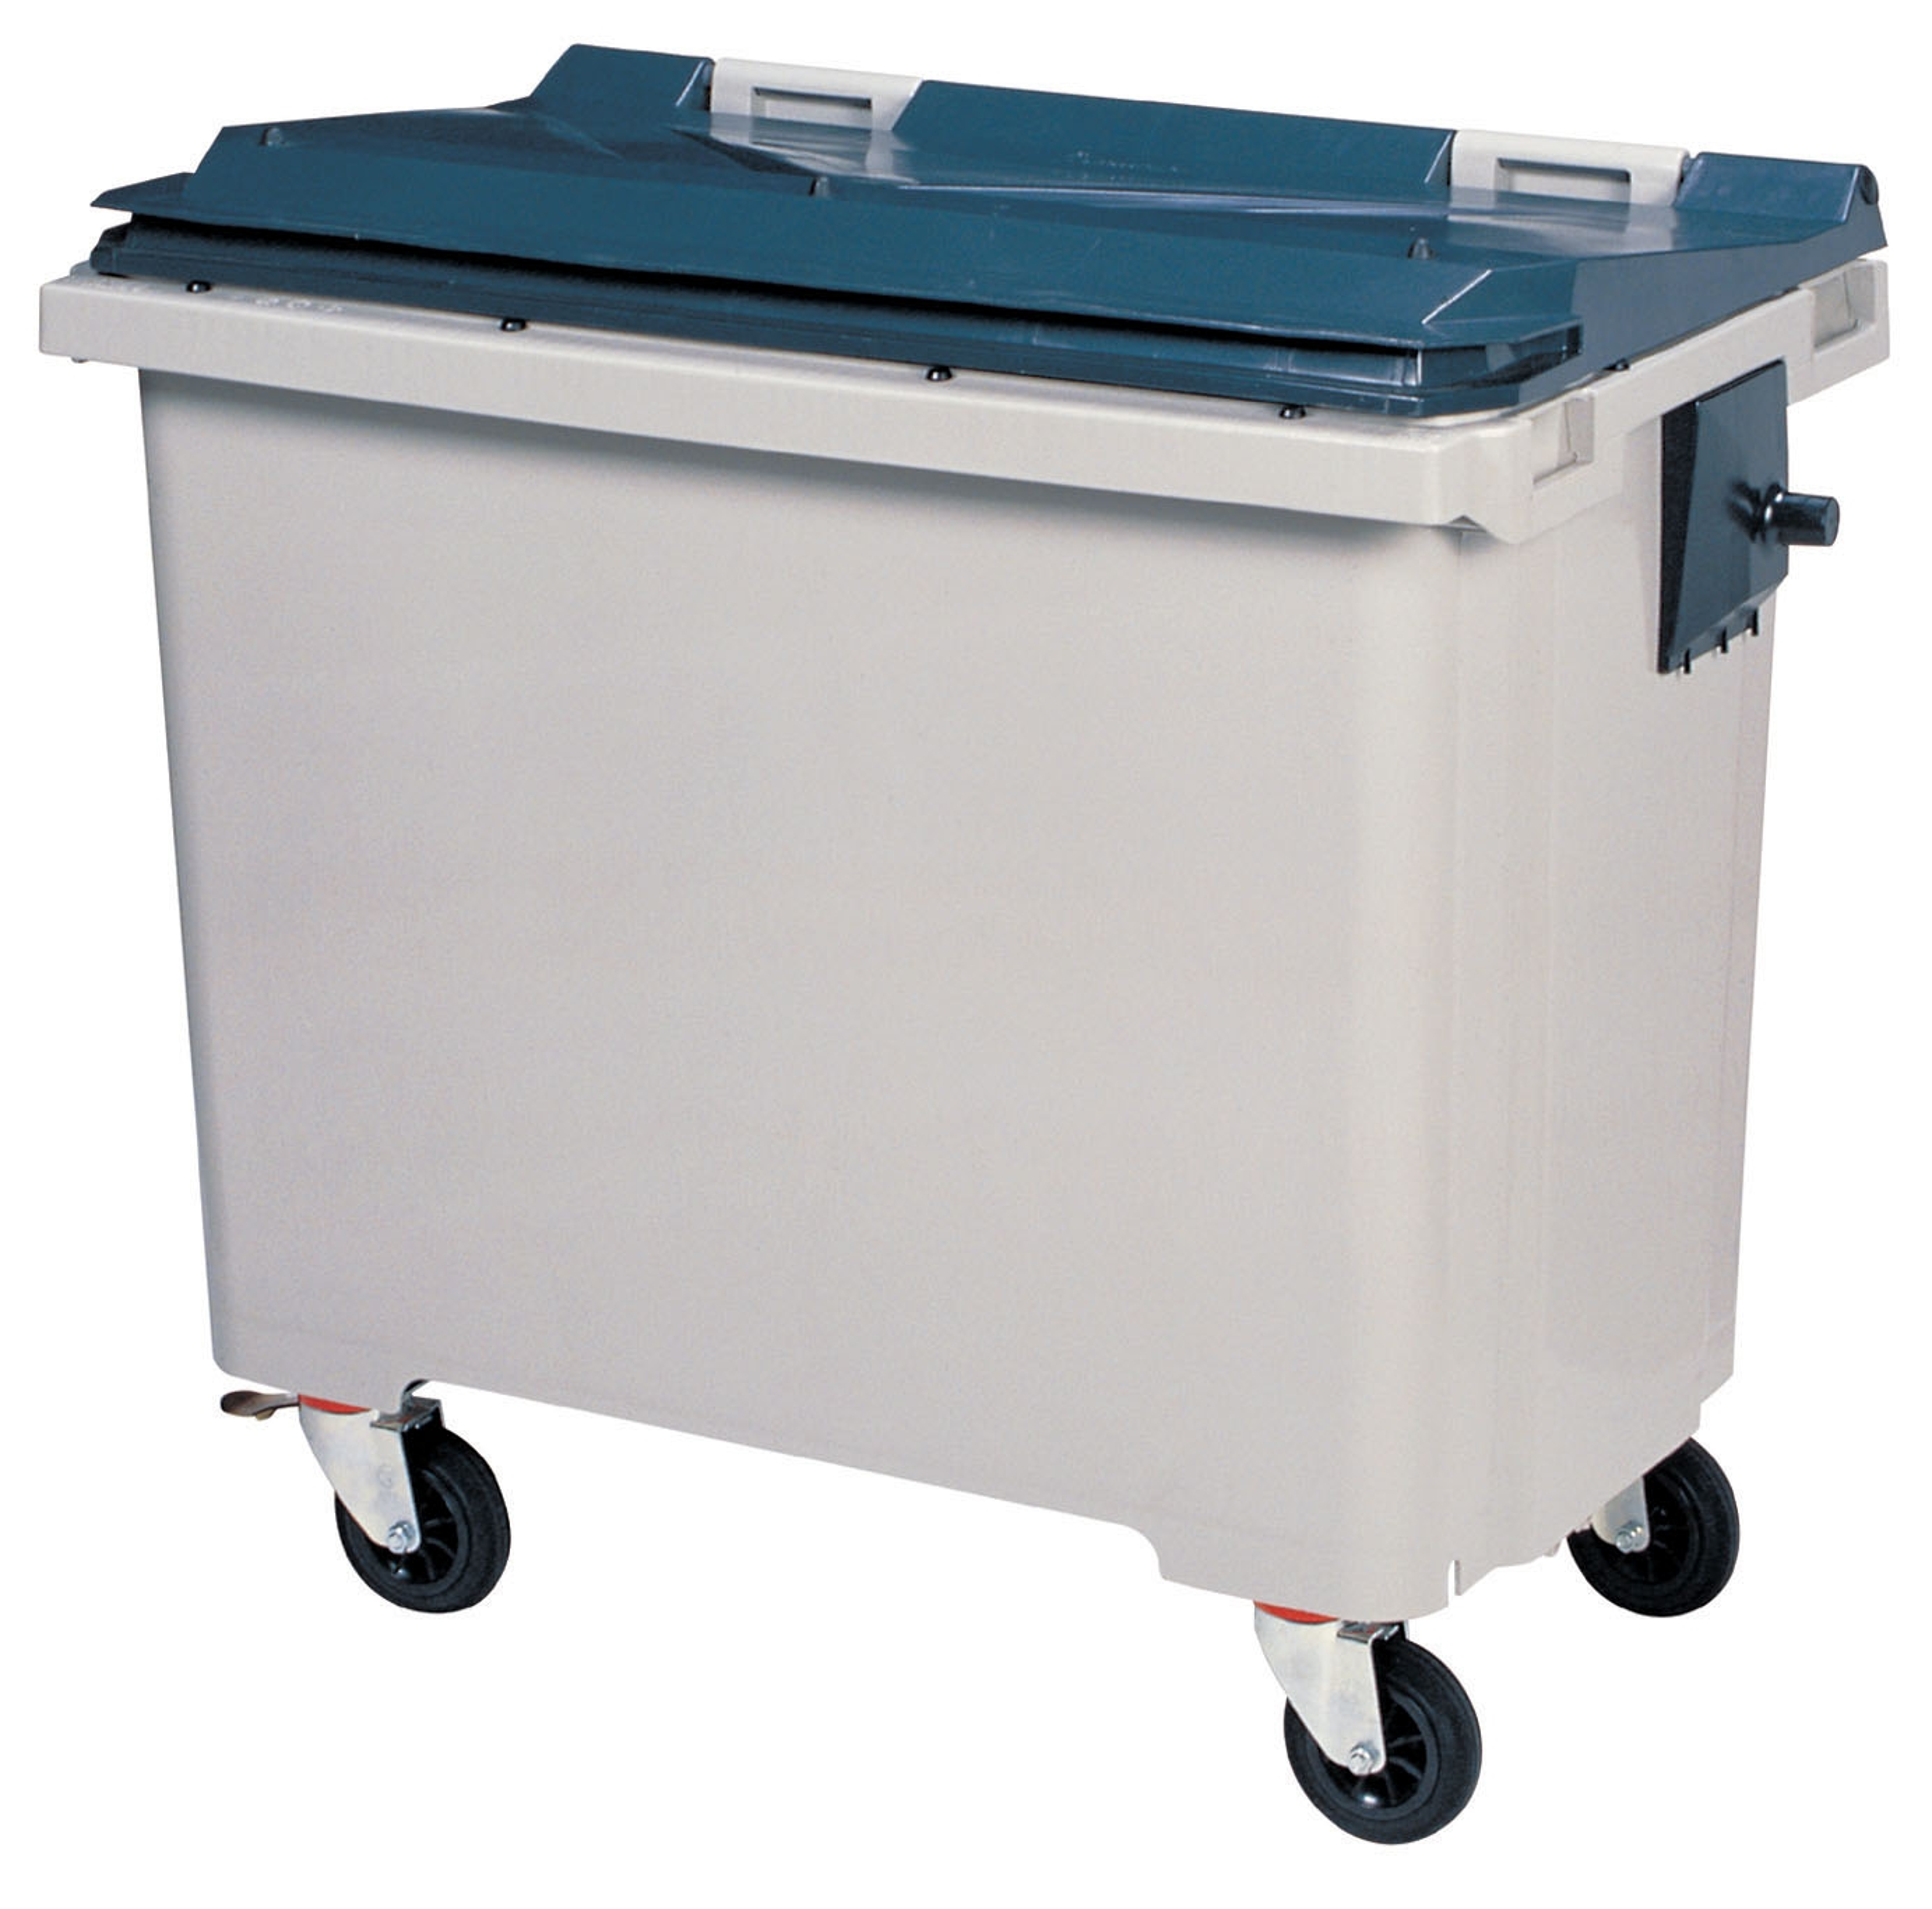 Grande poubelle exterieur free umea poubelle recyclage for Poubelle exterieur design